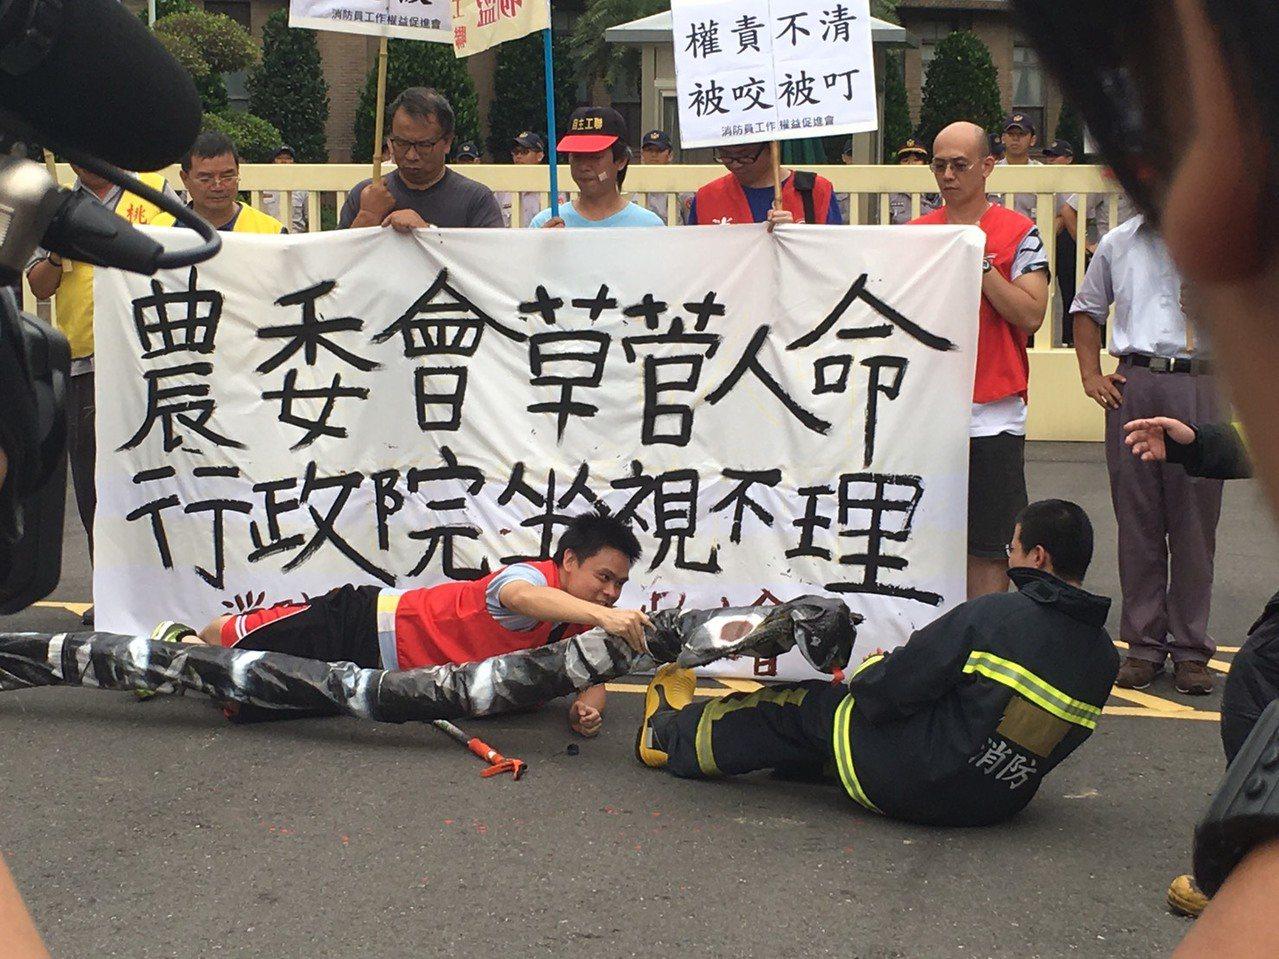 消防員工作權益促進會等團體、代表於行政院門口抗議,並表演行動劇。李順德/攝影